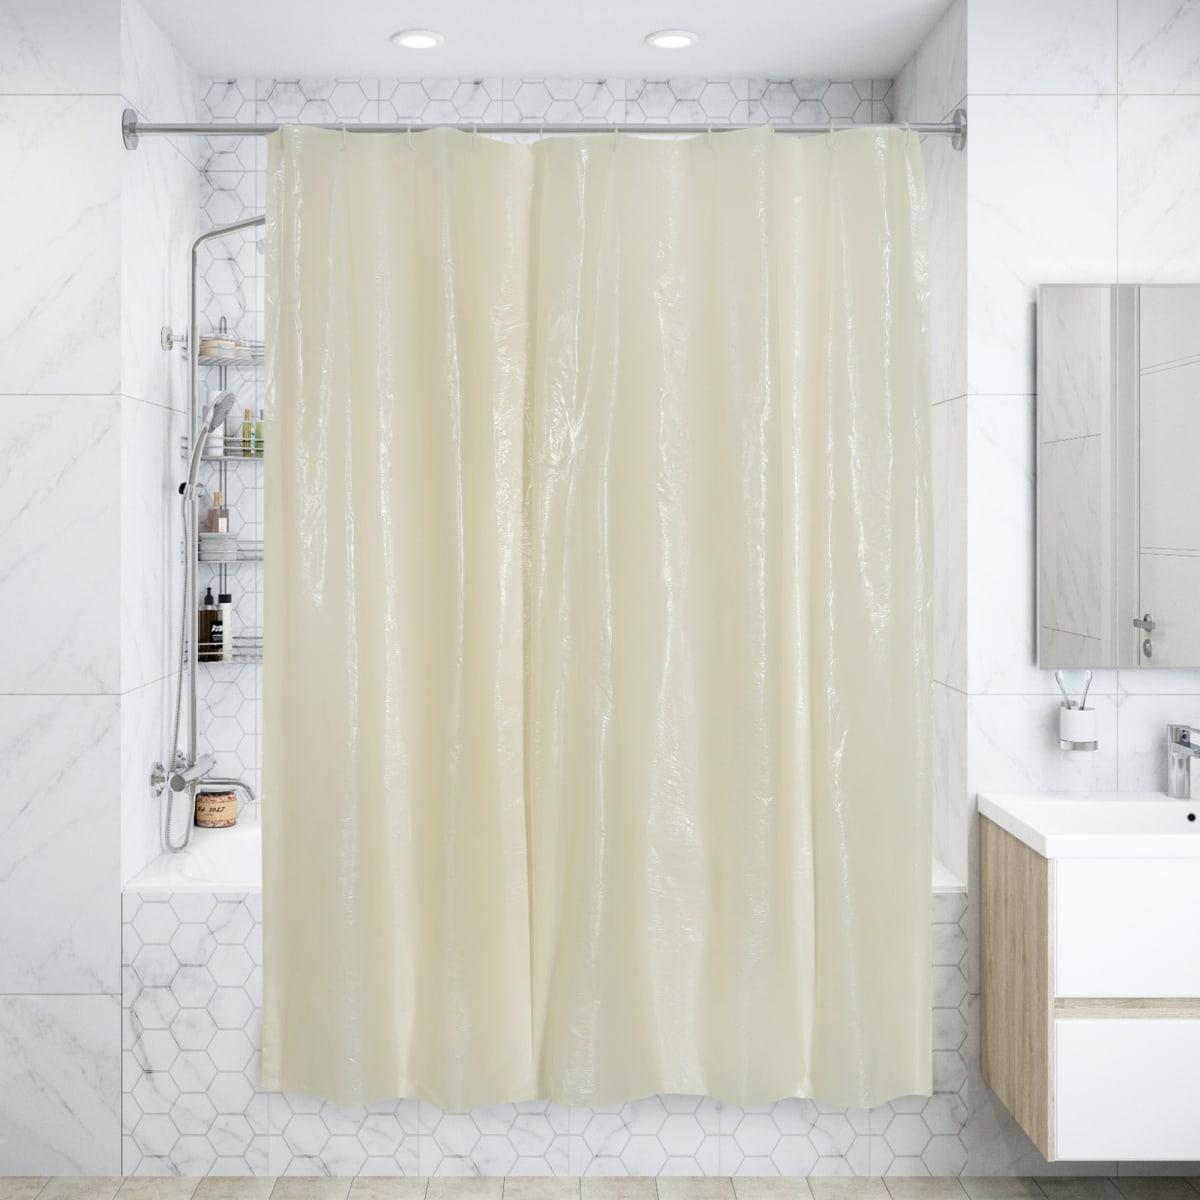 Штора для ванны с кольцами 180х180 см, полиэтилен, цвет бежевый